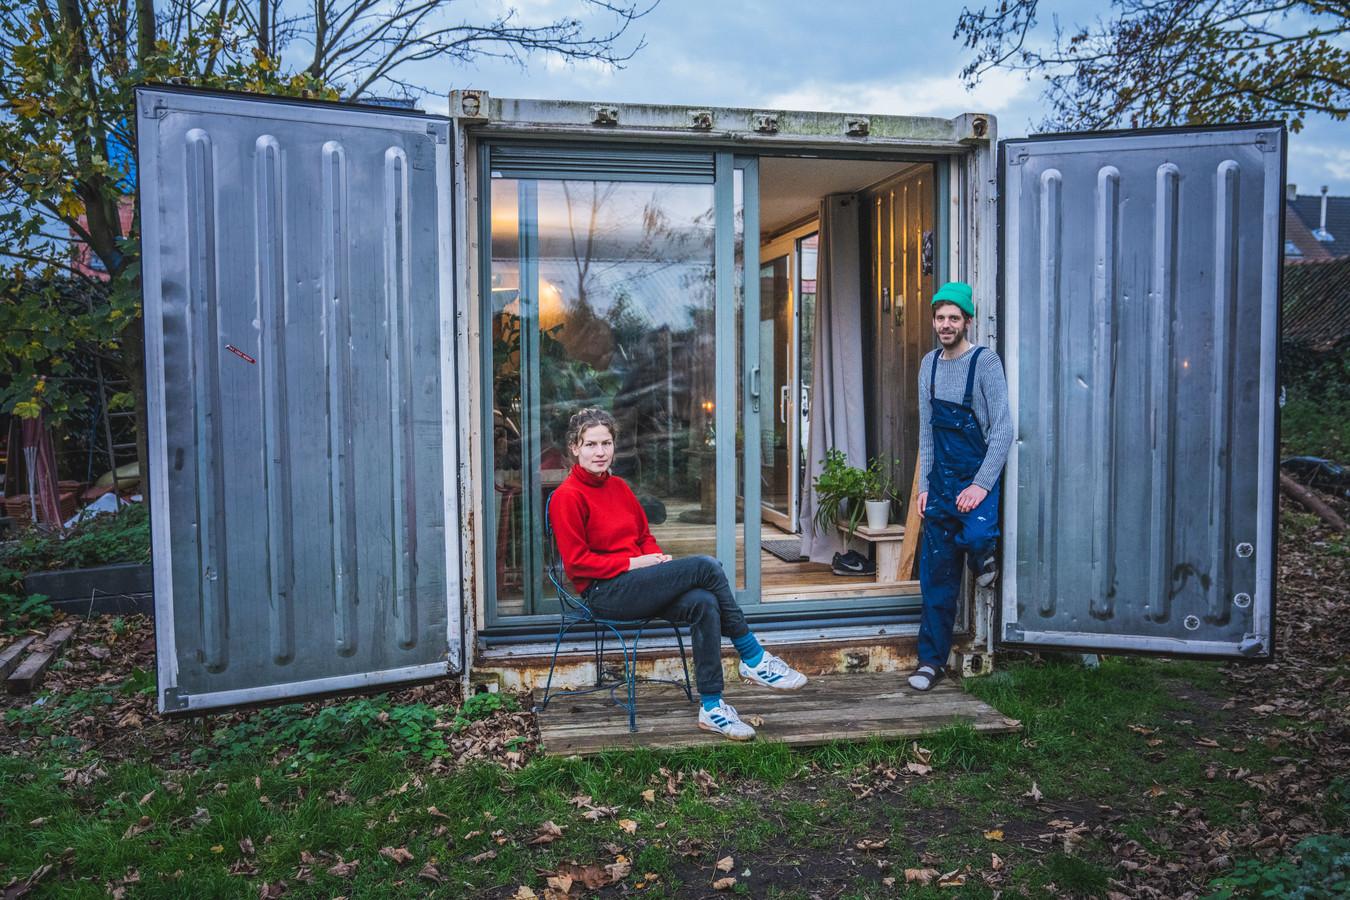 Peter Paul en Rosa bij hun tiny house, een omgebouwde koelcontainer.